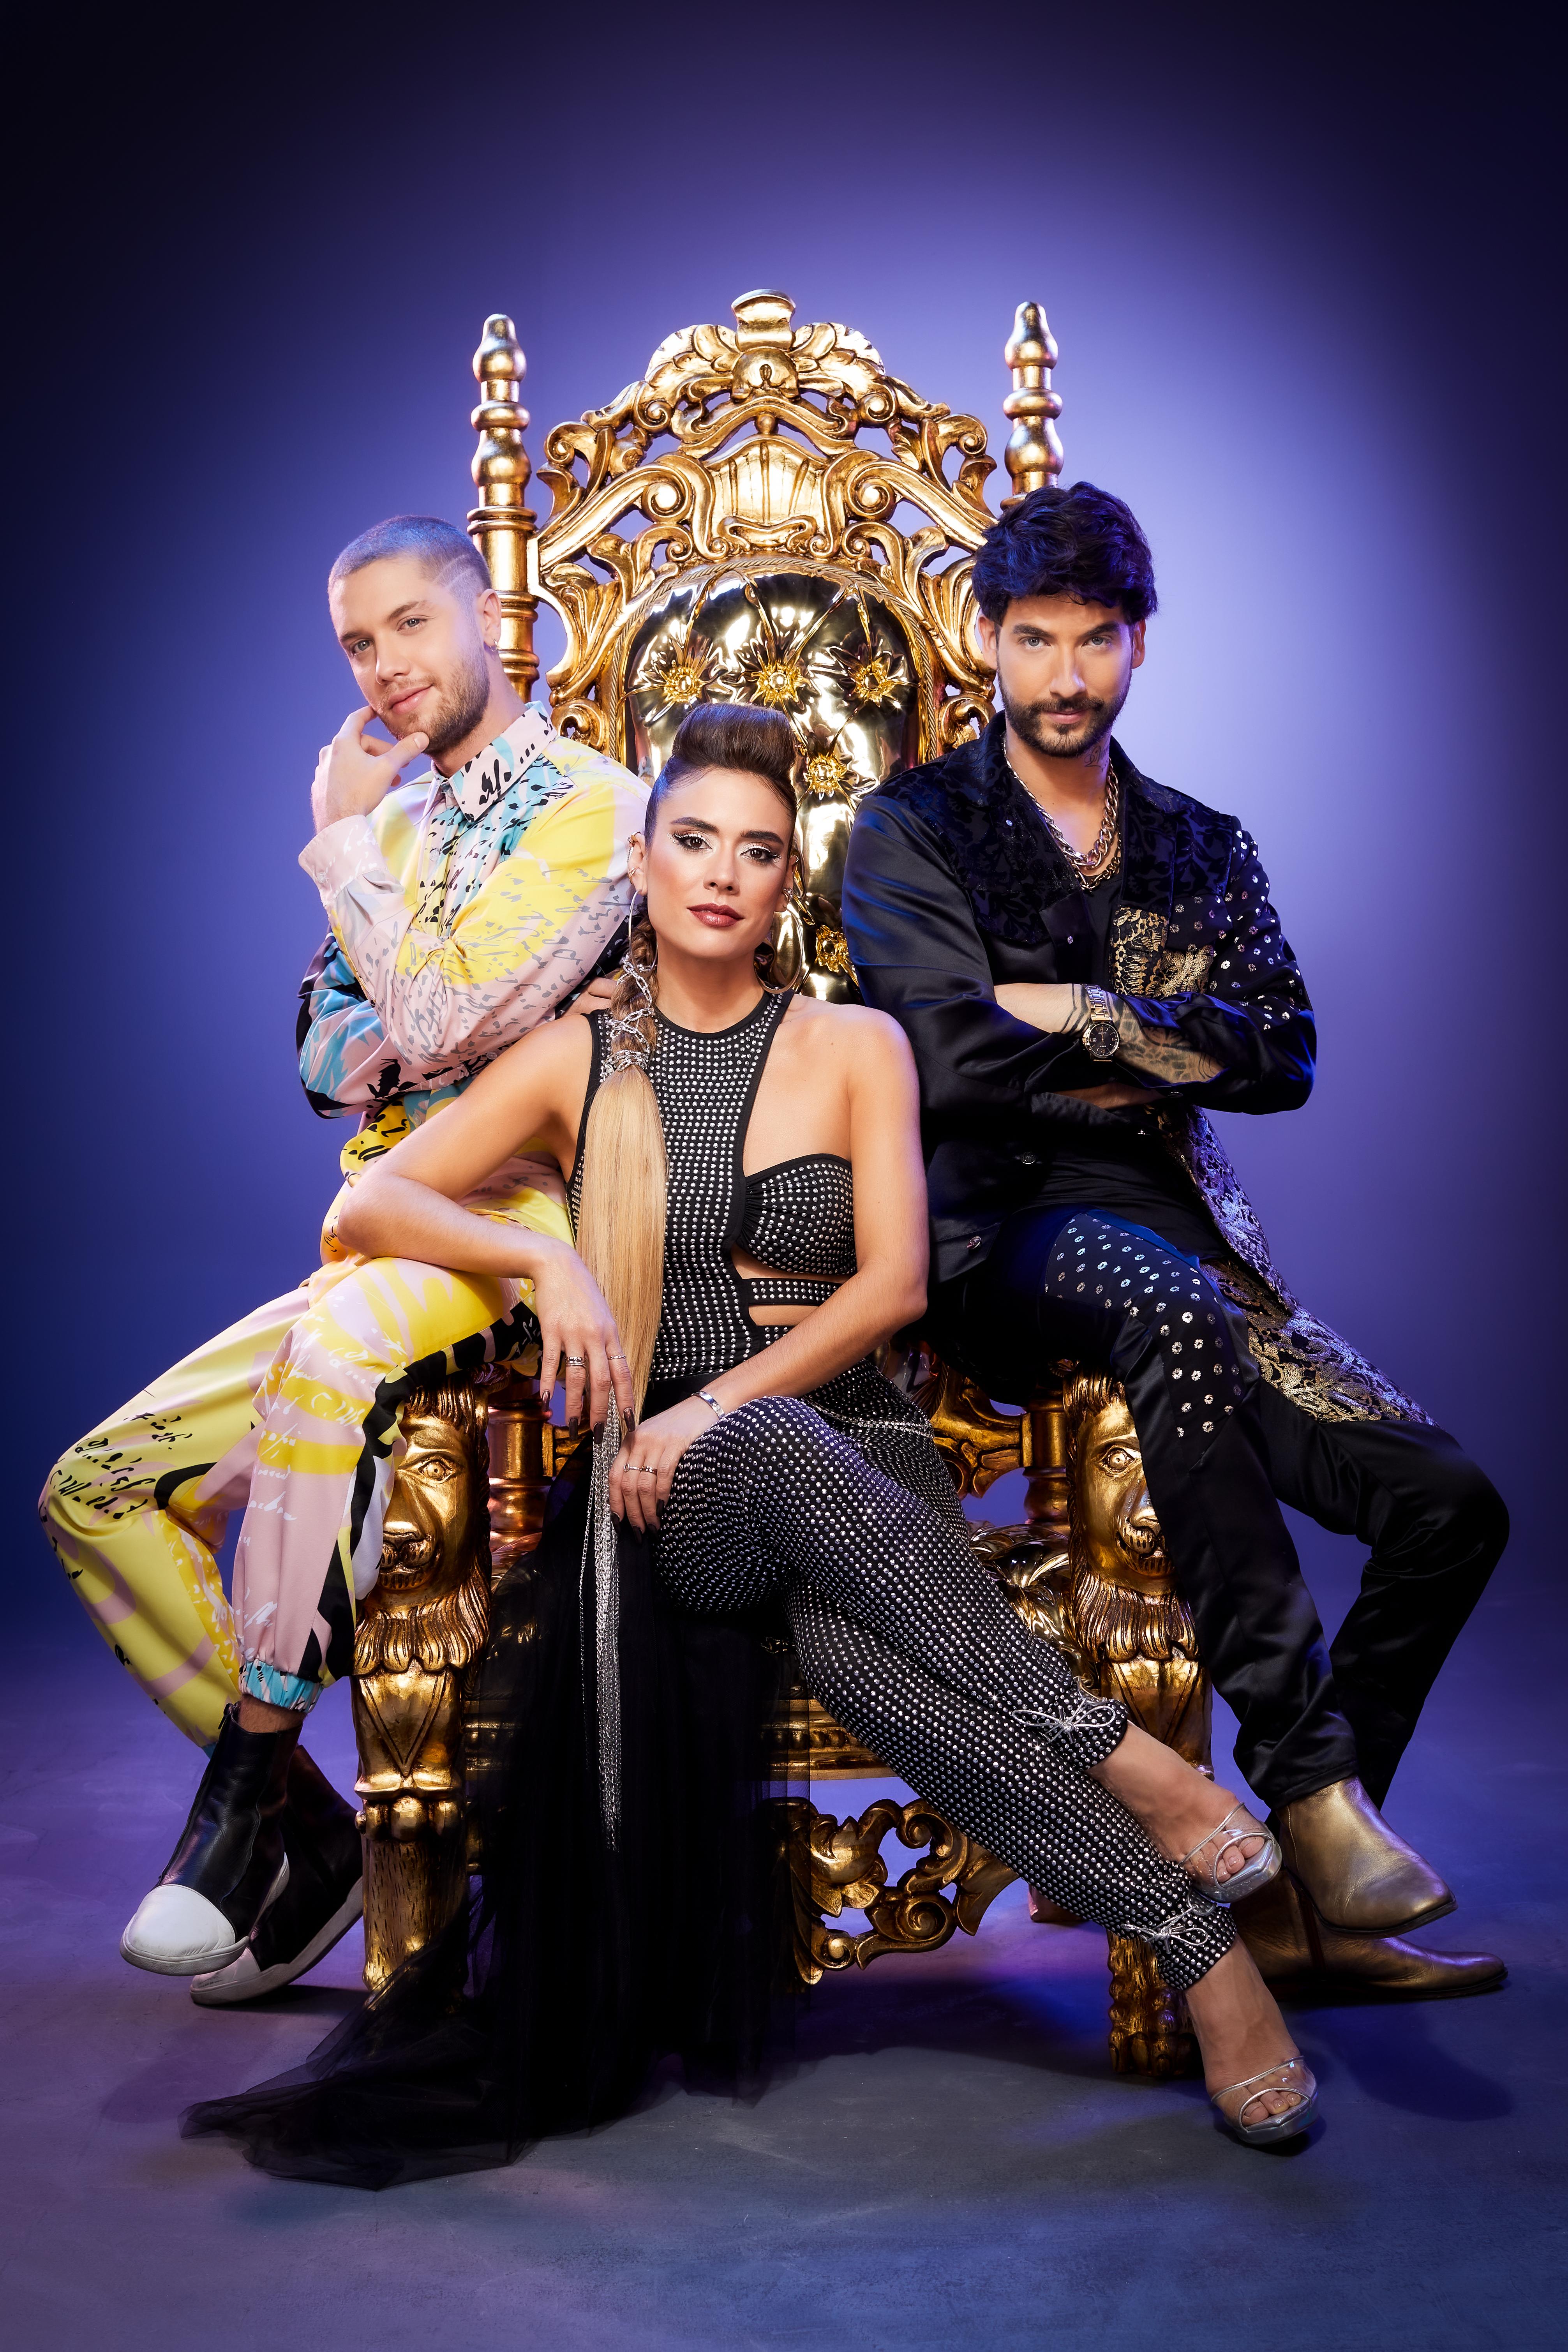 El fenómeno de 'La reina del flow 2' conquistó a la audiencia colombiana y se ubicó en el primer lugar del rating